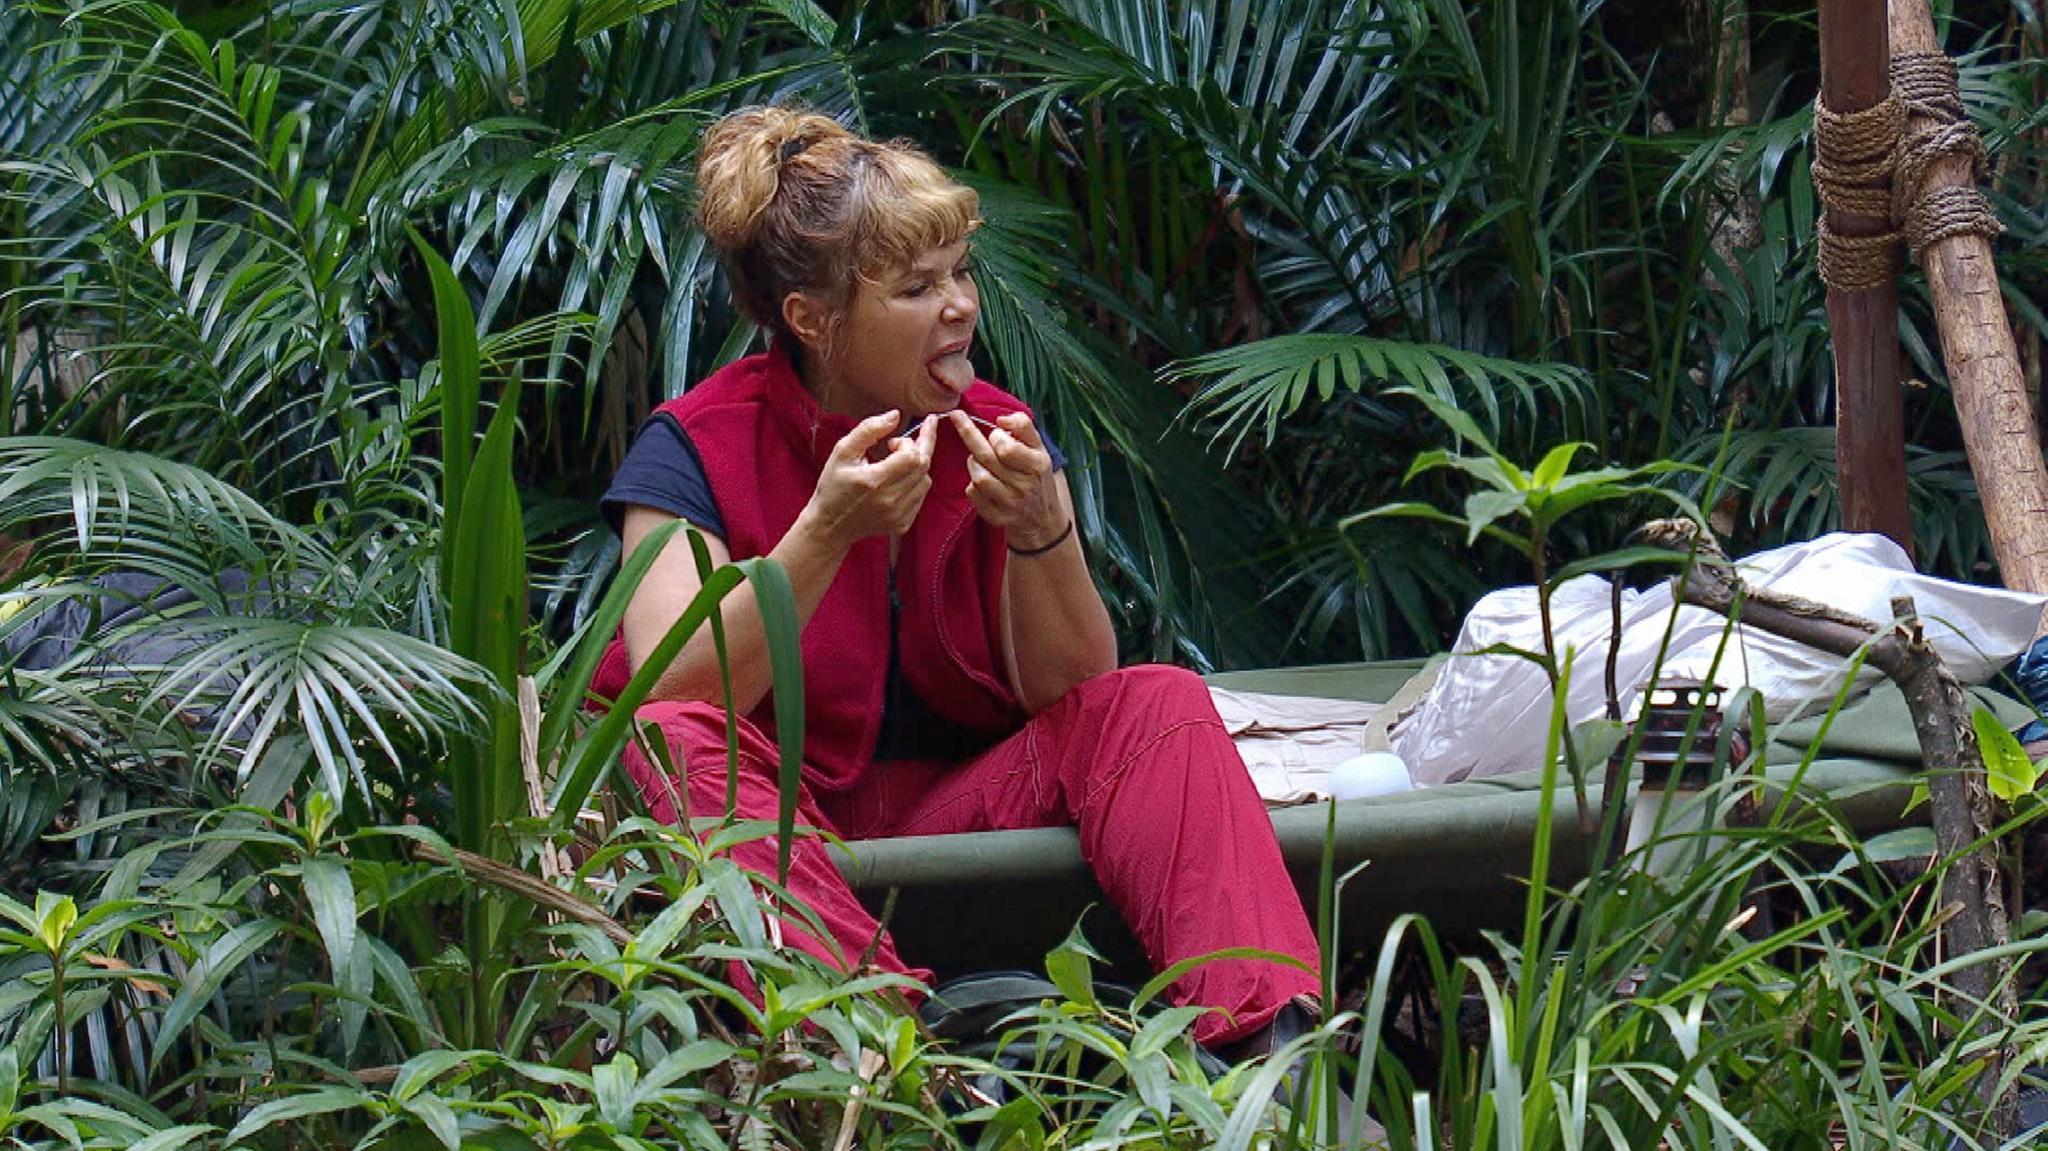 Für Sandra Steffl ist an Tag sieben das Dschungelabenteuer vorbei.